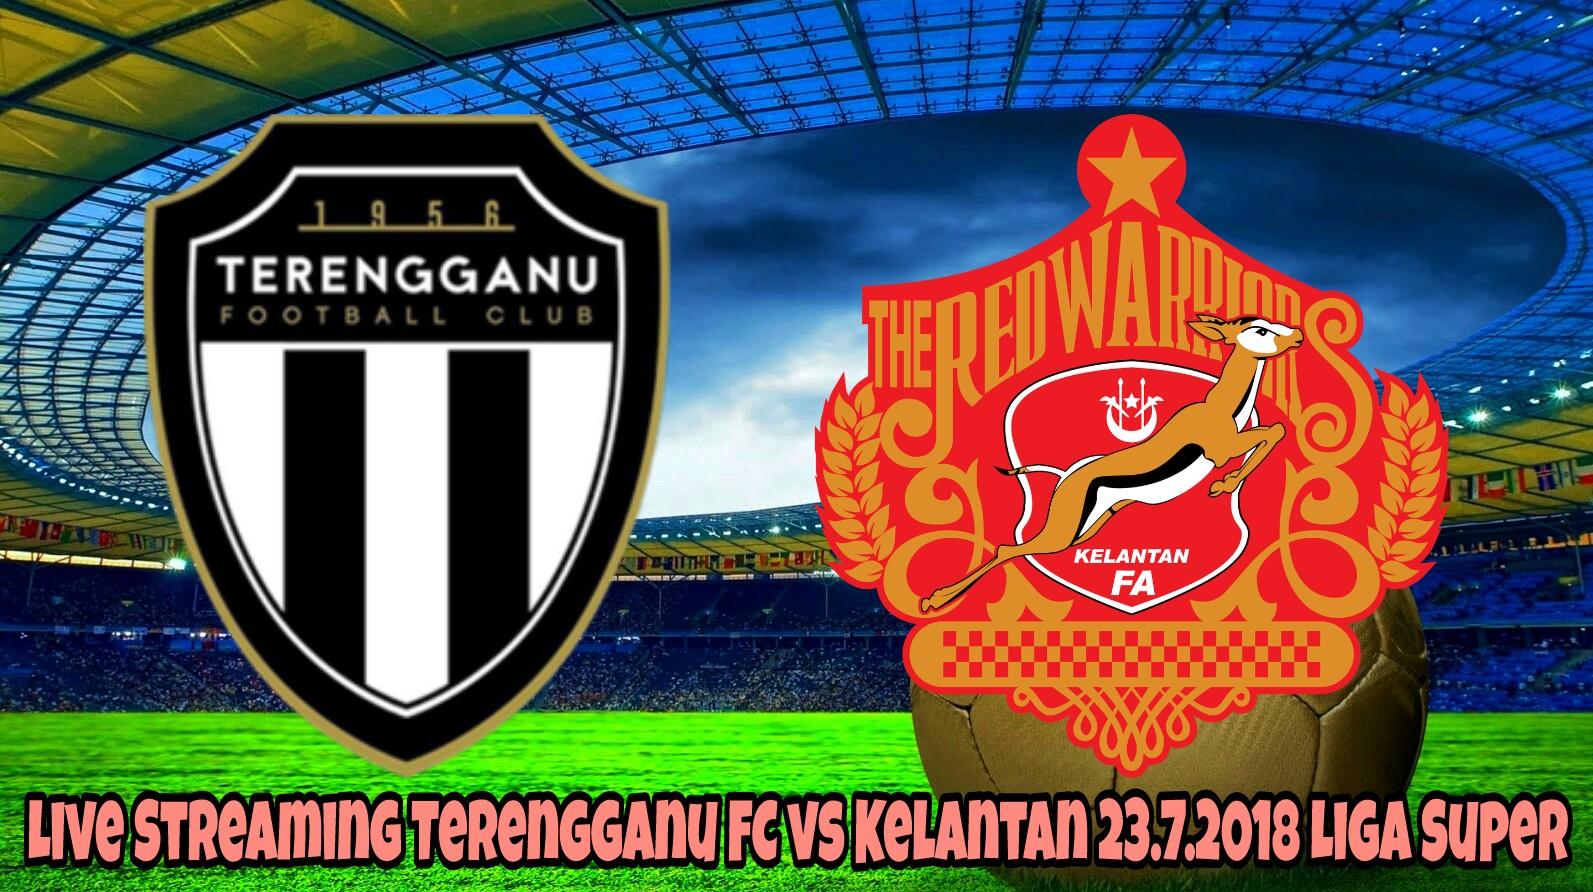 Live Streaming Terengganu FC vs Kelantan 23.7.2018 Liga Super